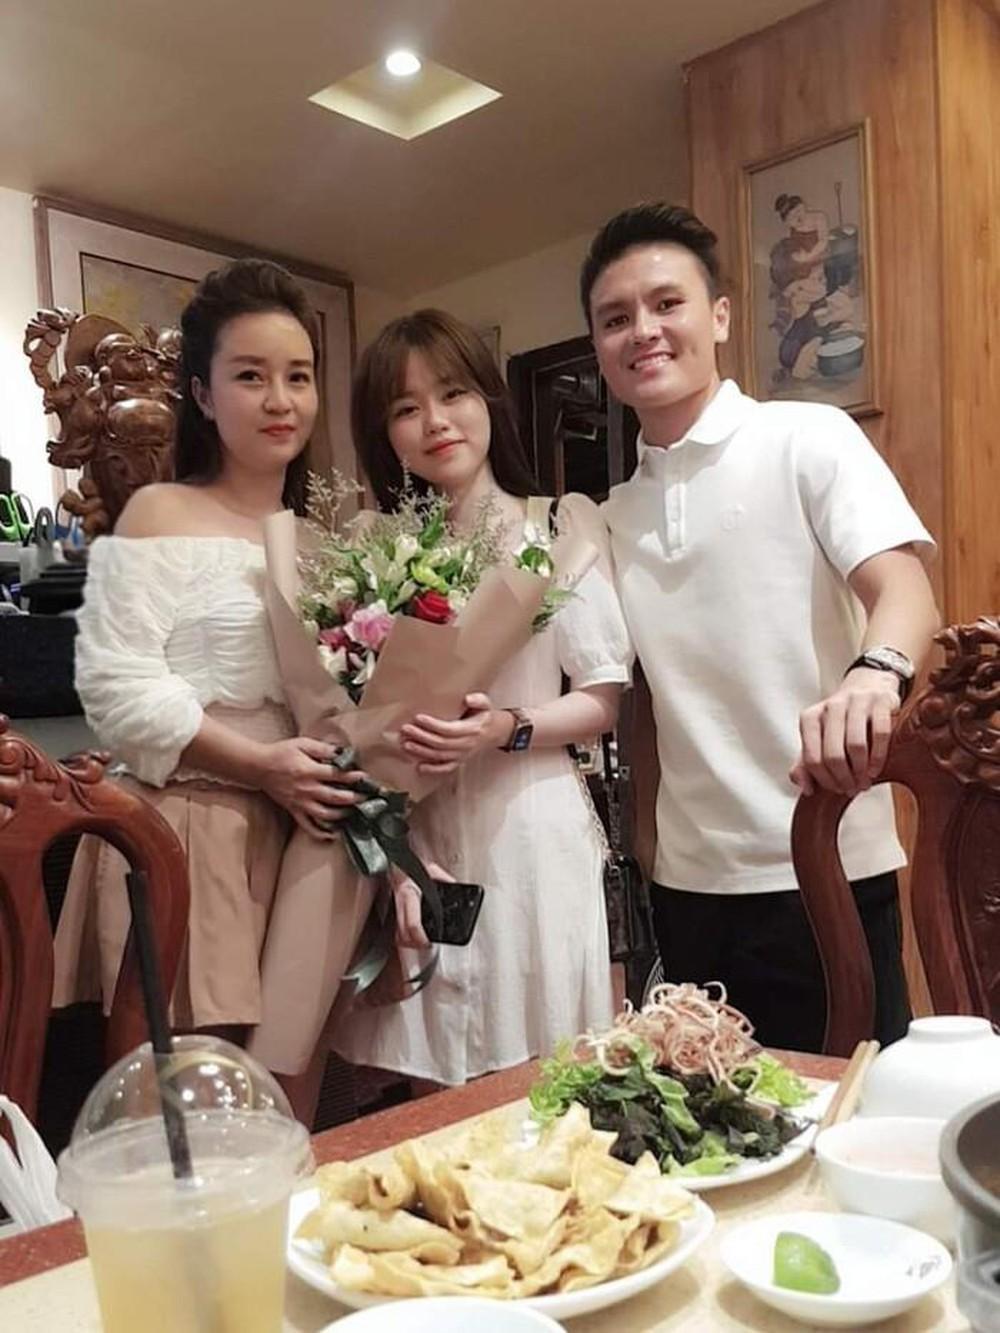 Yêu nhau 4 tháng và đây là lần Huỳnh Anh 'thả thính' Quang Hải ngọt ngào nhất: 'Đầu tuần là thứ hai vì anh là thứ nhất' Ảnh 3